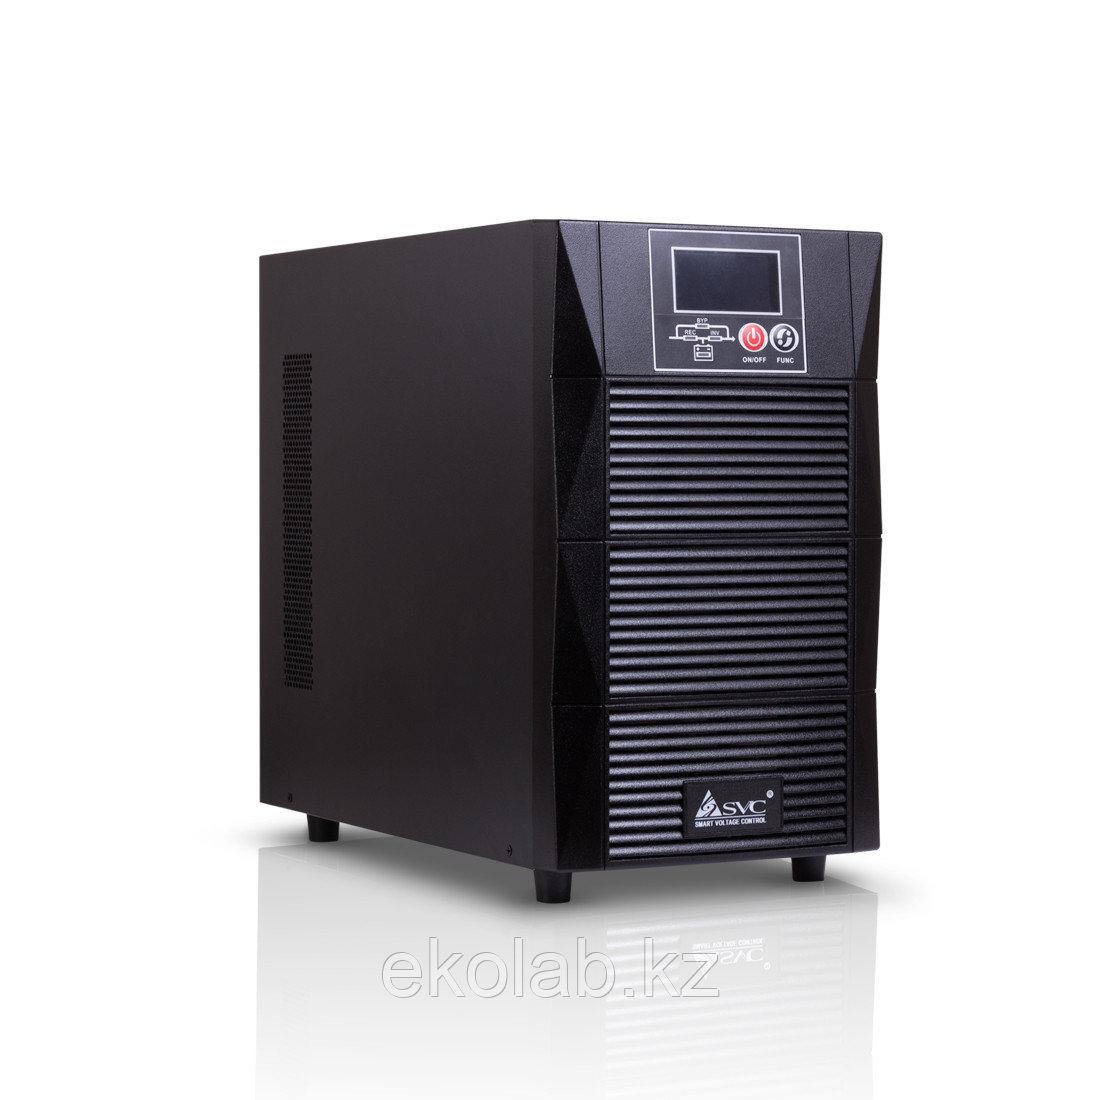 Источник бесперебойного питания SVC PTS-2KL-LCD